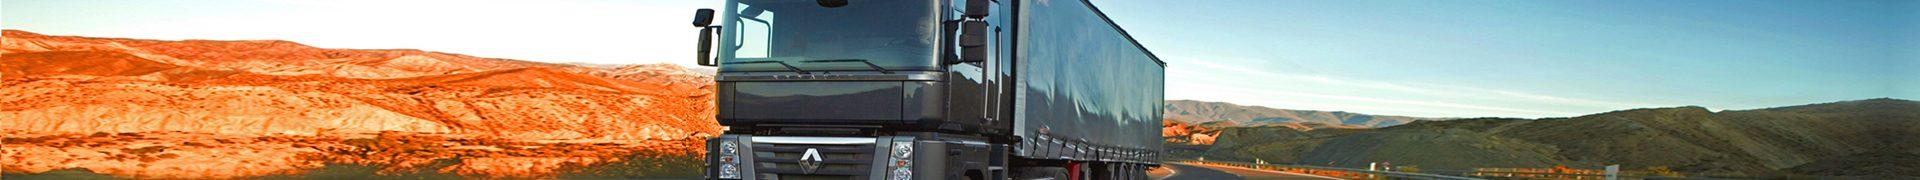 Ремонт грузовых автомобилей, автобусов, прицепов Renault